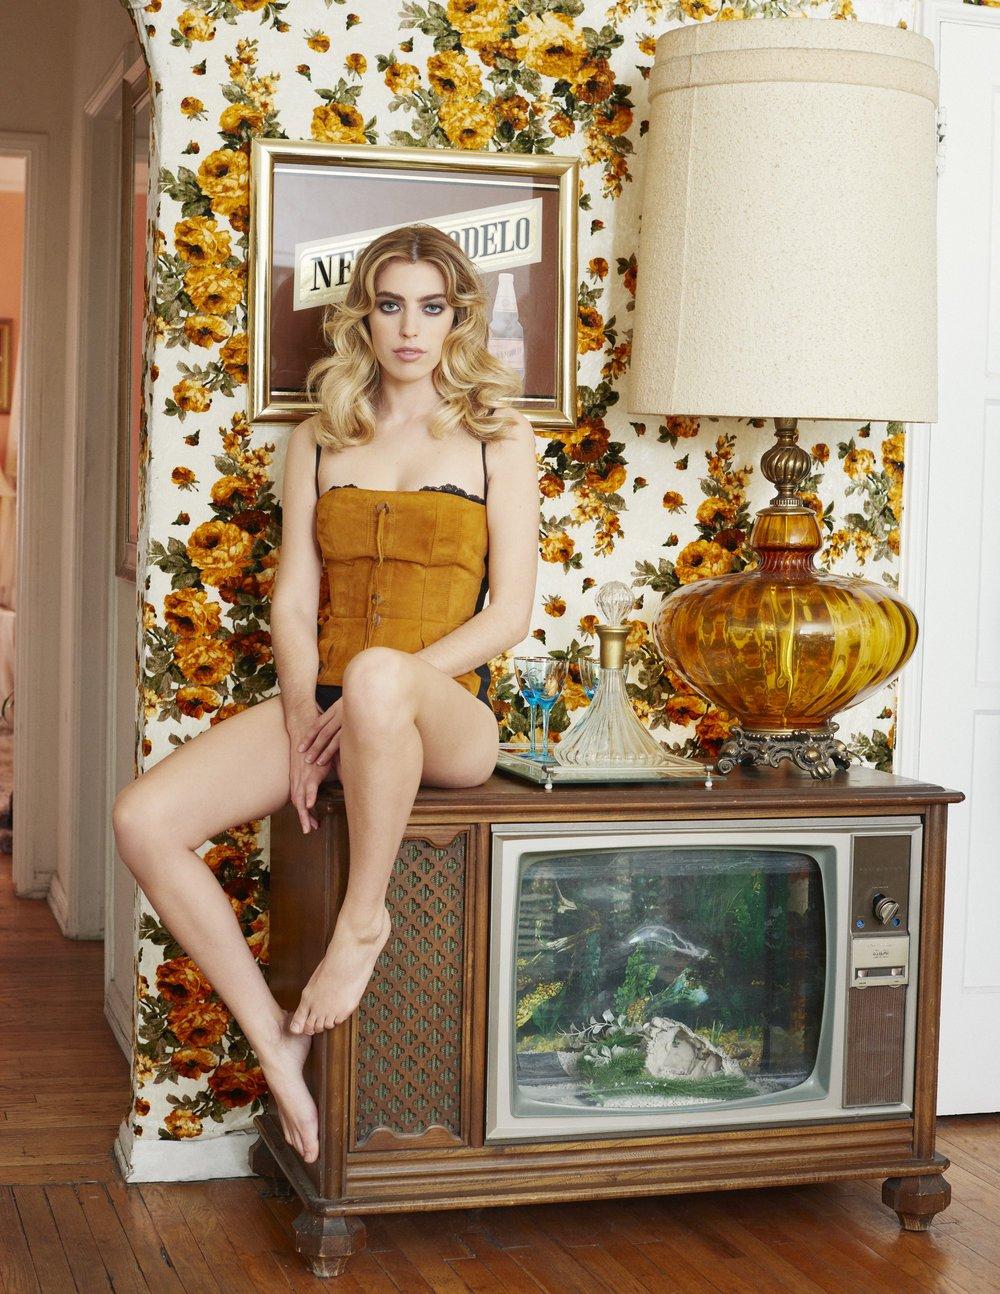 Дочь Эвана Макгрегора полностью разделась для Playboy